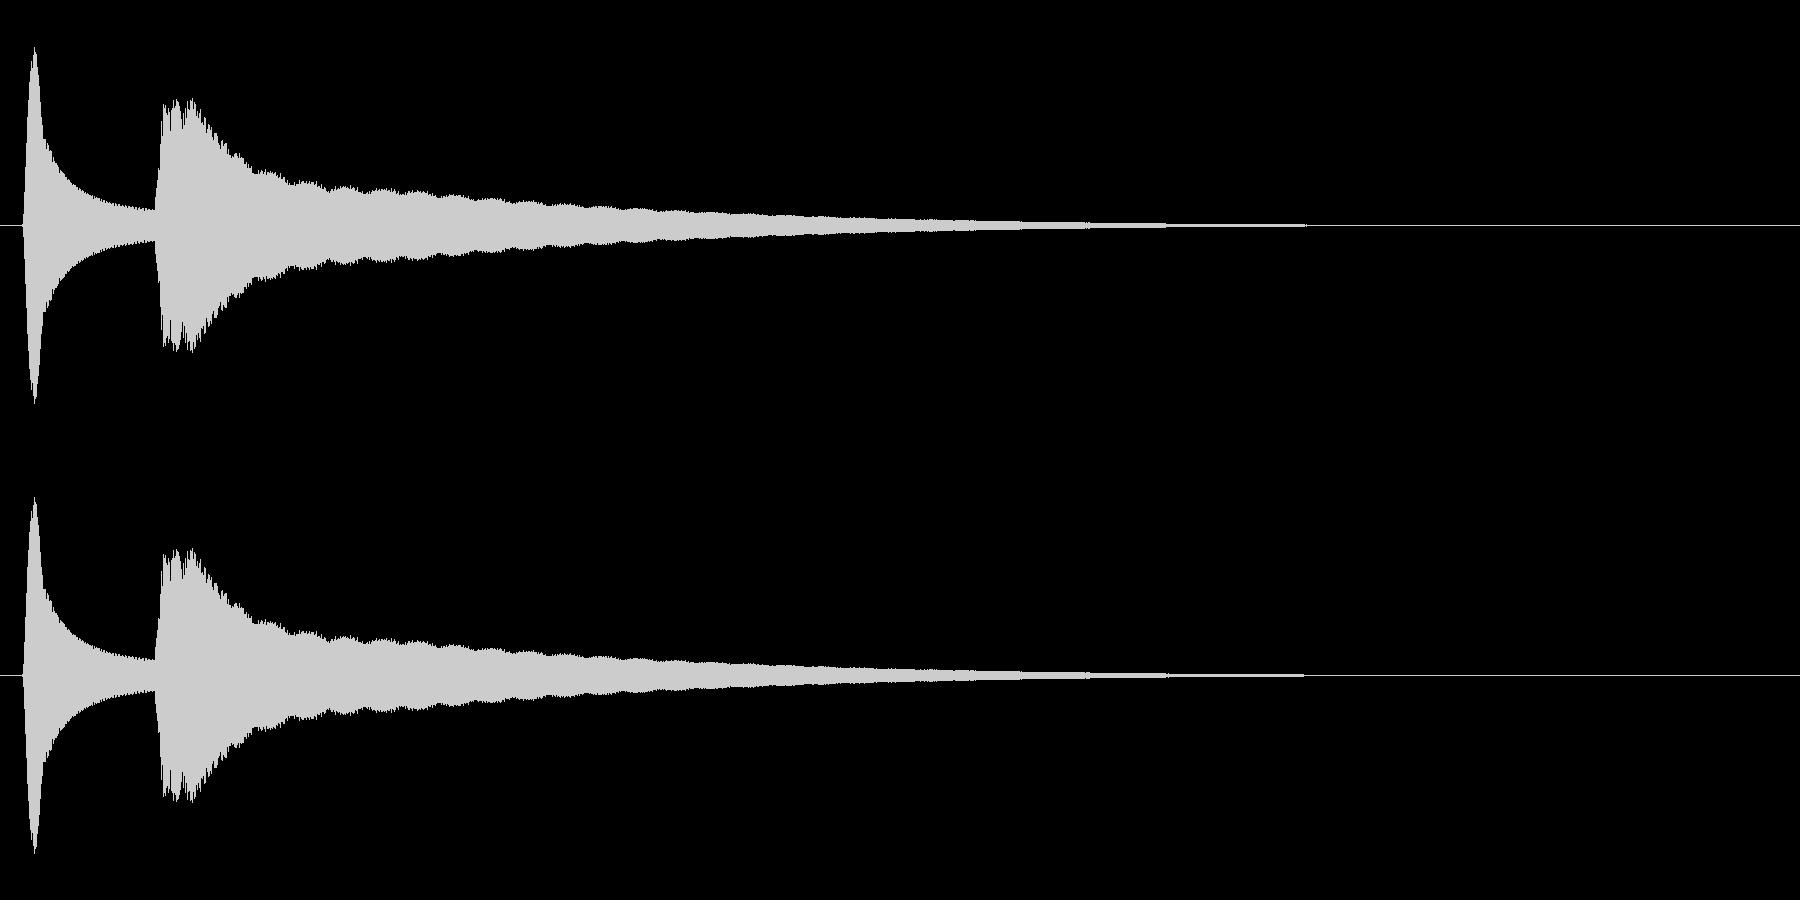 閃く(キュピーン/豆電球/発明)の未再生の波形